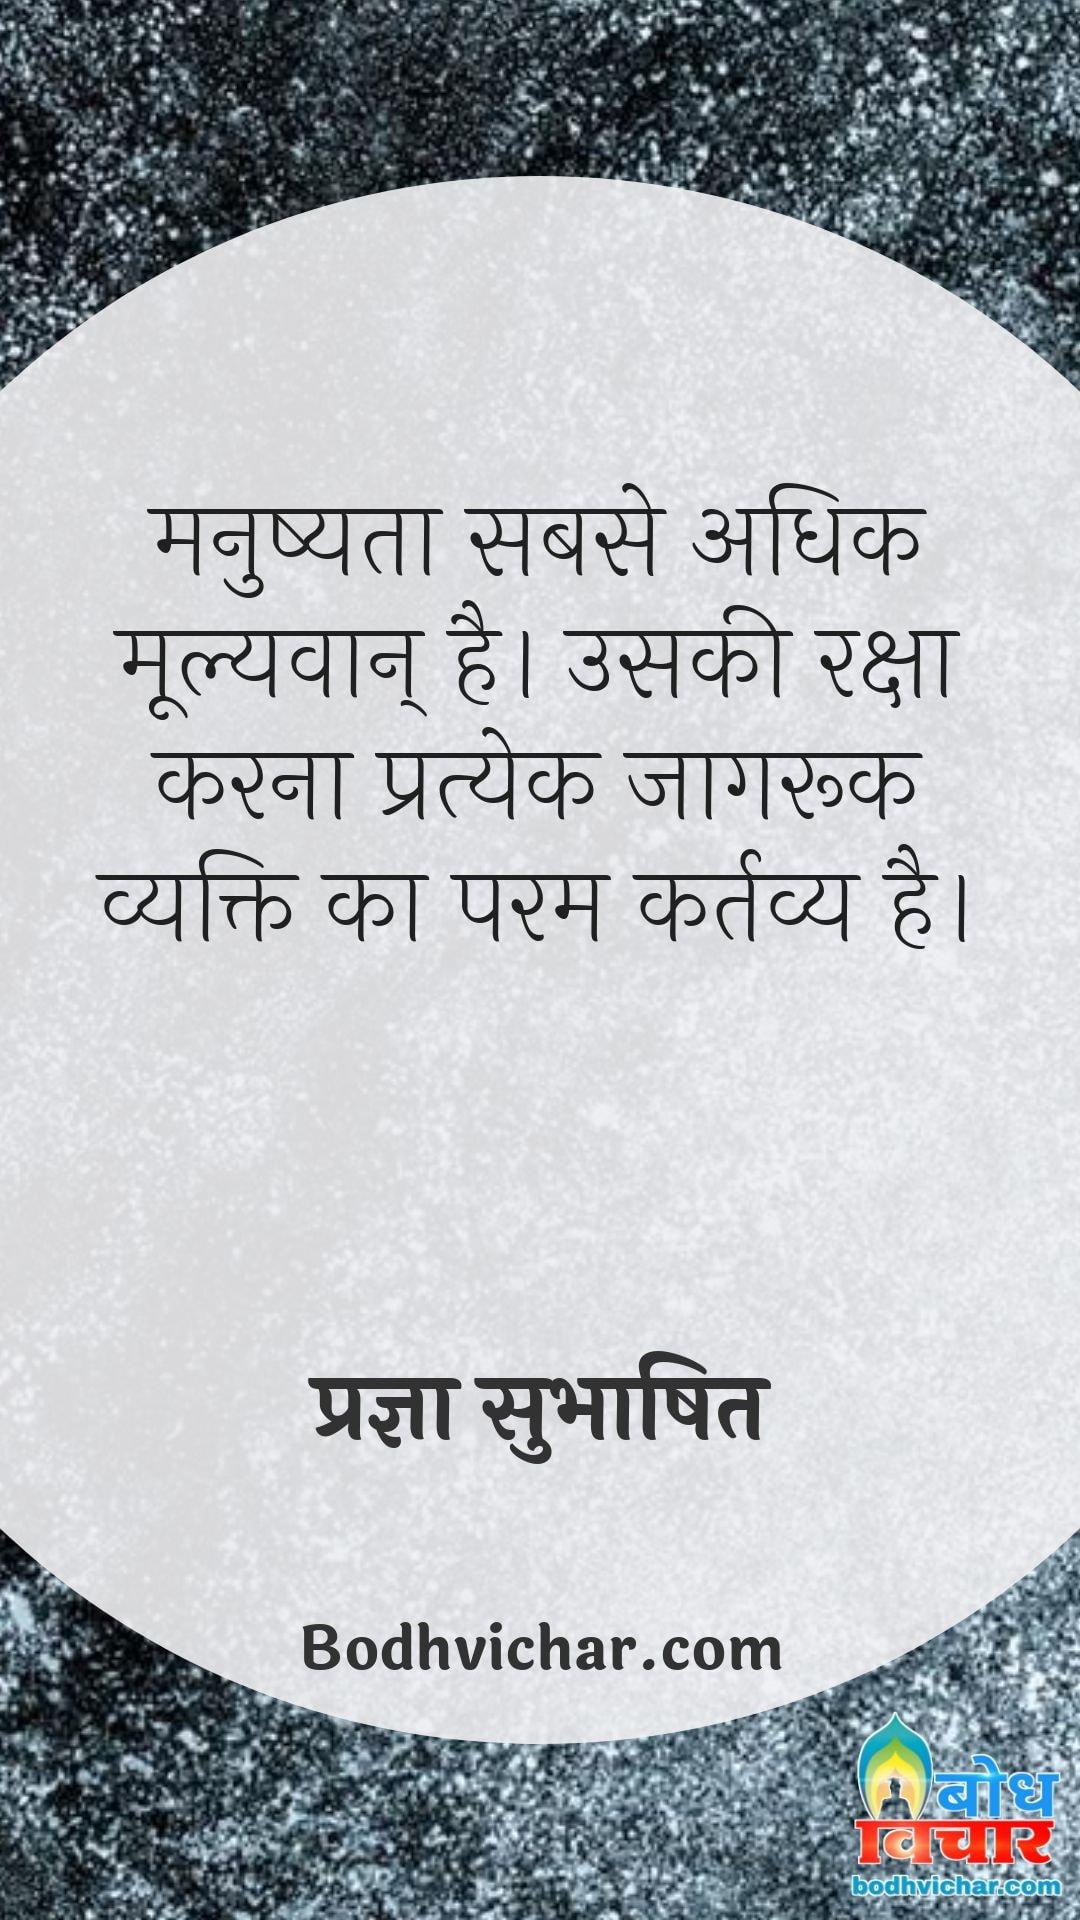 मनुष्यता सबसे अधिक मूल्यवान् है। उसकी रक्षा करना प्रत्येक जागरूक व्यक्ति का परम कर्तव्य है। : Manushyata sabse adhik mulyawaan hai uski raksha karna pratyek jaagruk insaan ka param kartavya hai. - प्रज्ञा सुभाषित